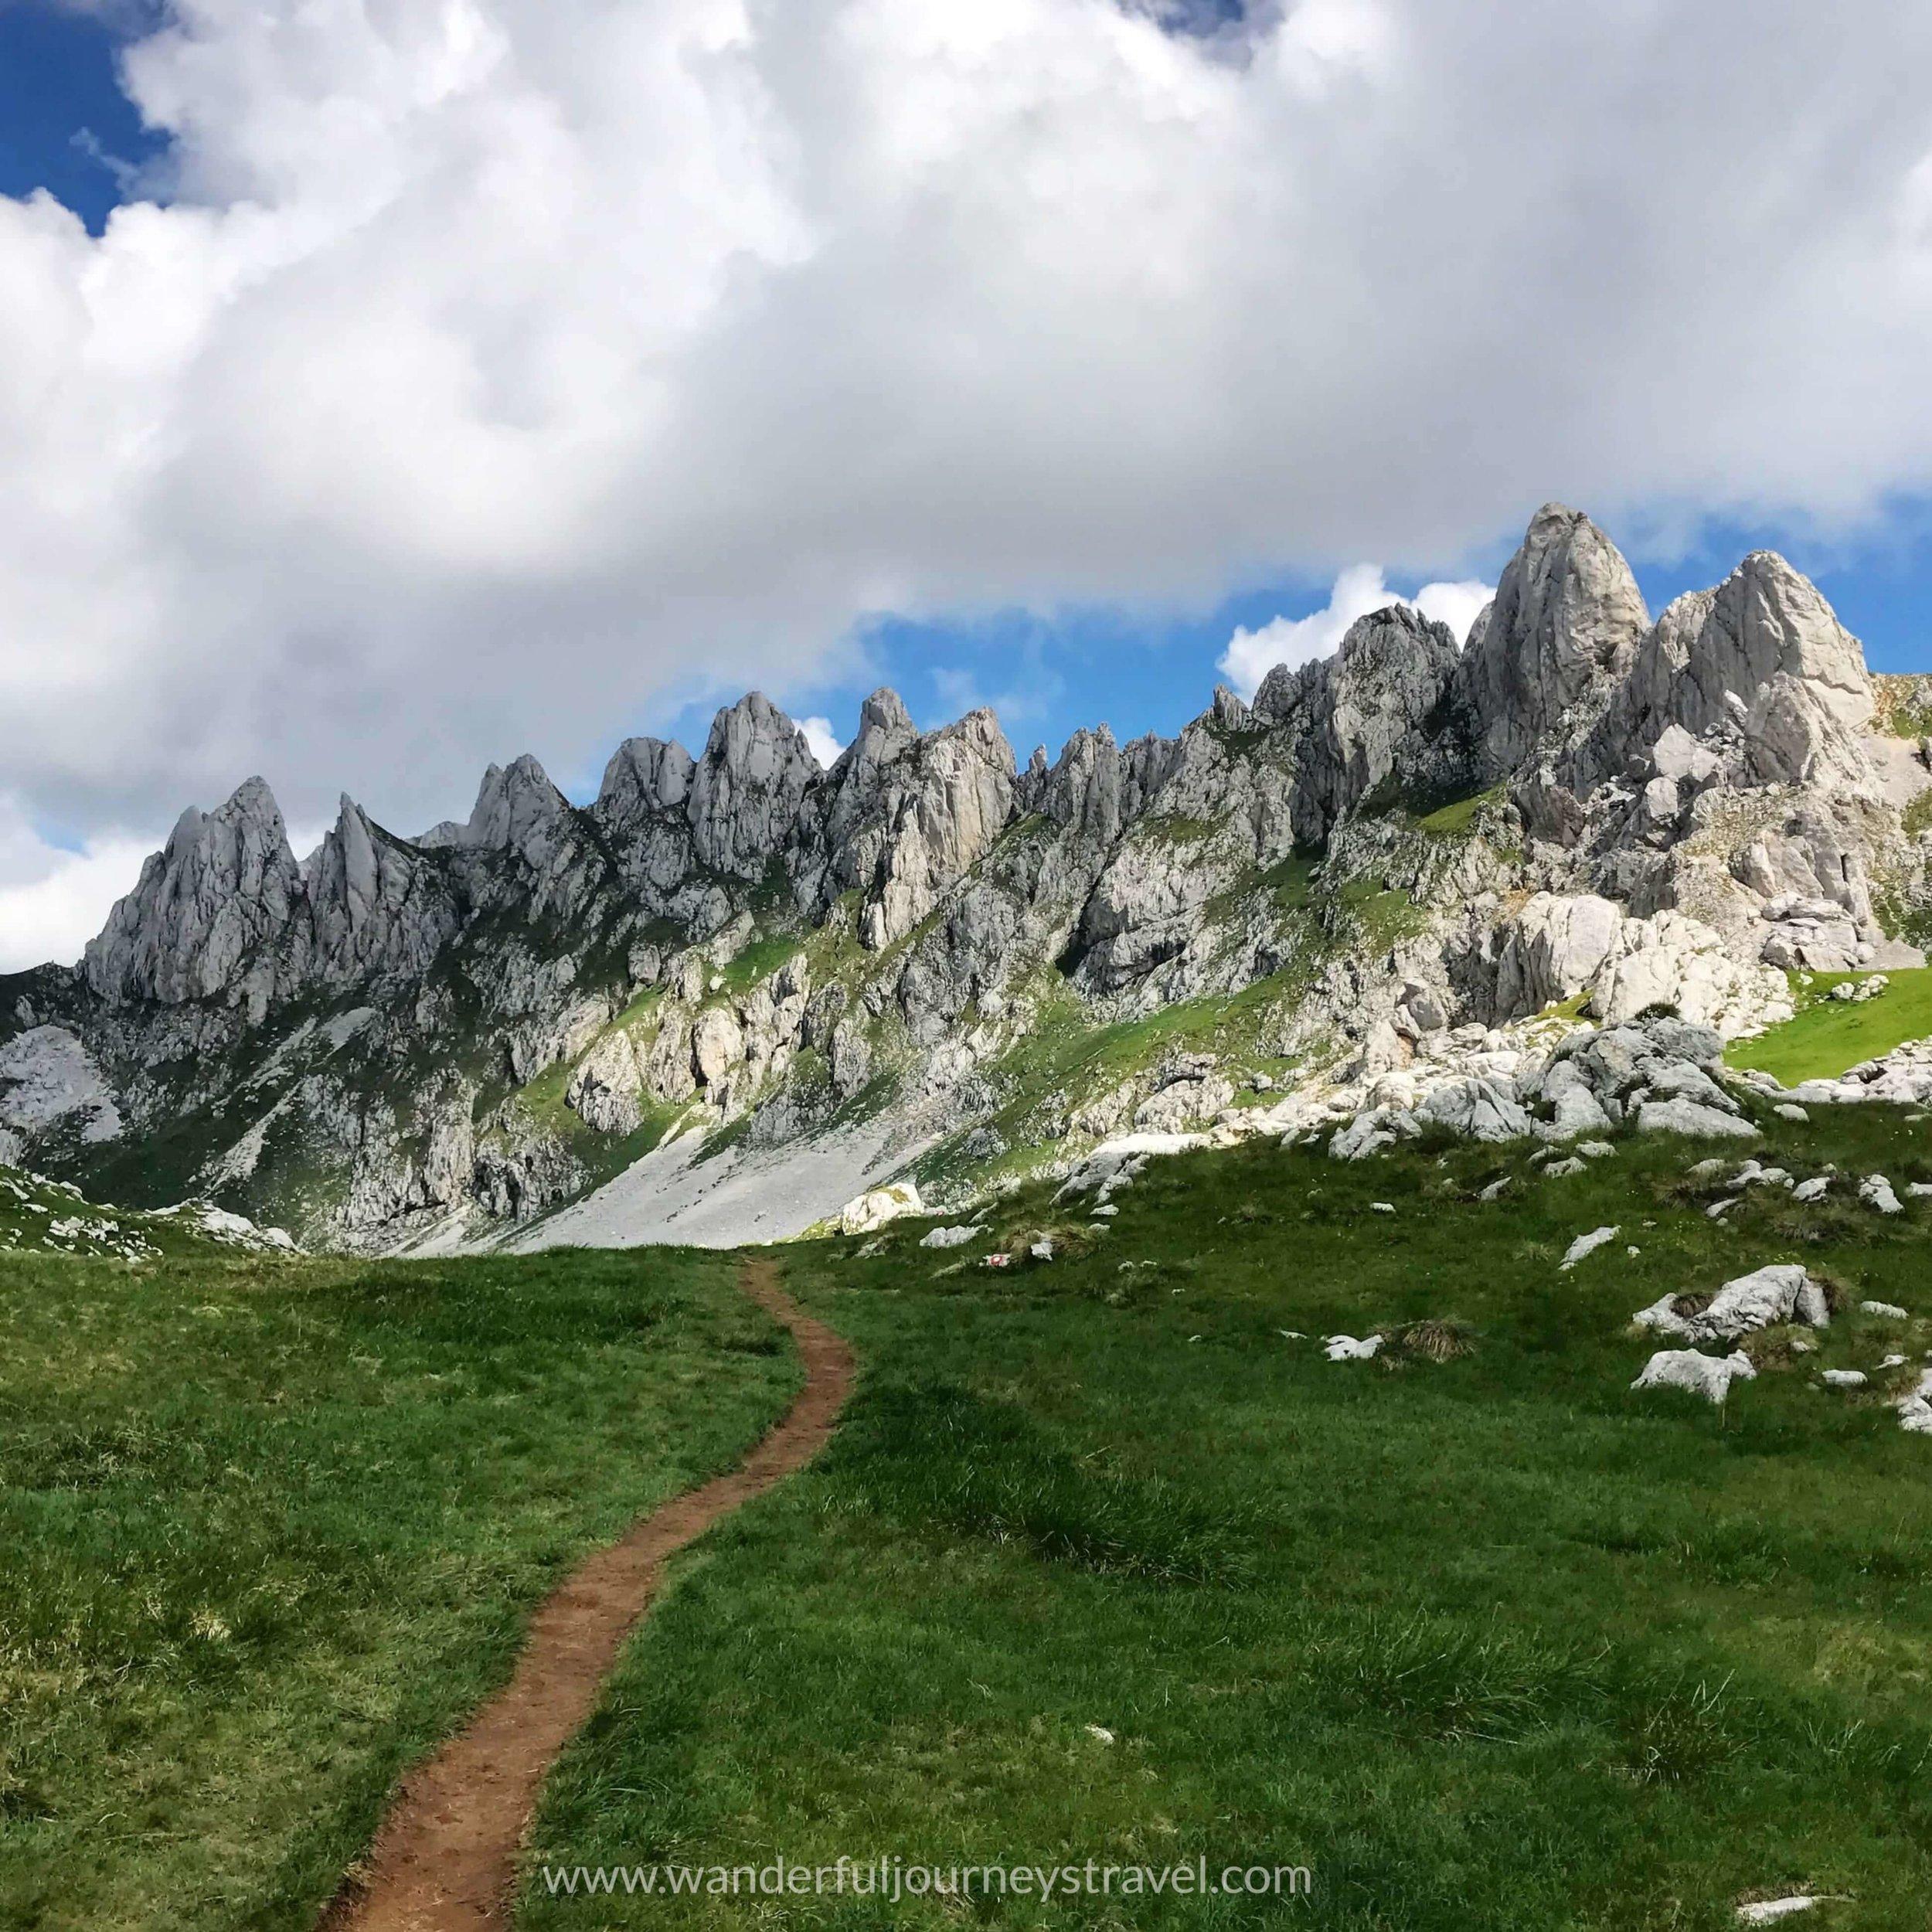 Bobotov-kuk-hike-durmitor-montenegro-mountain-trail-view.JPG